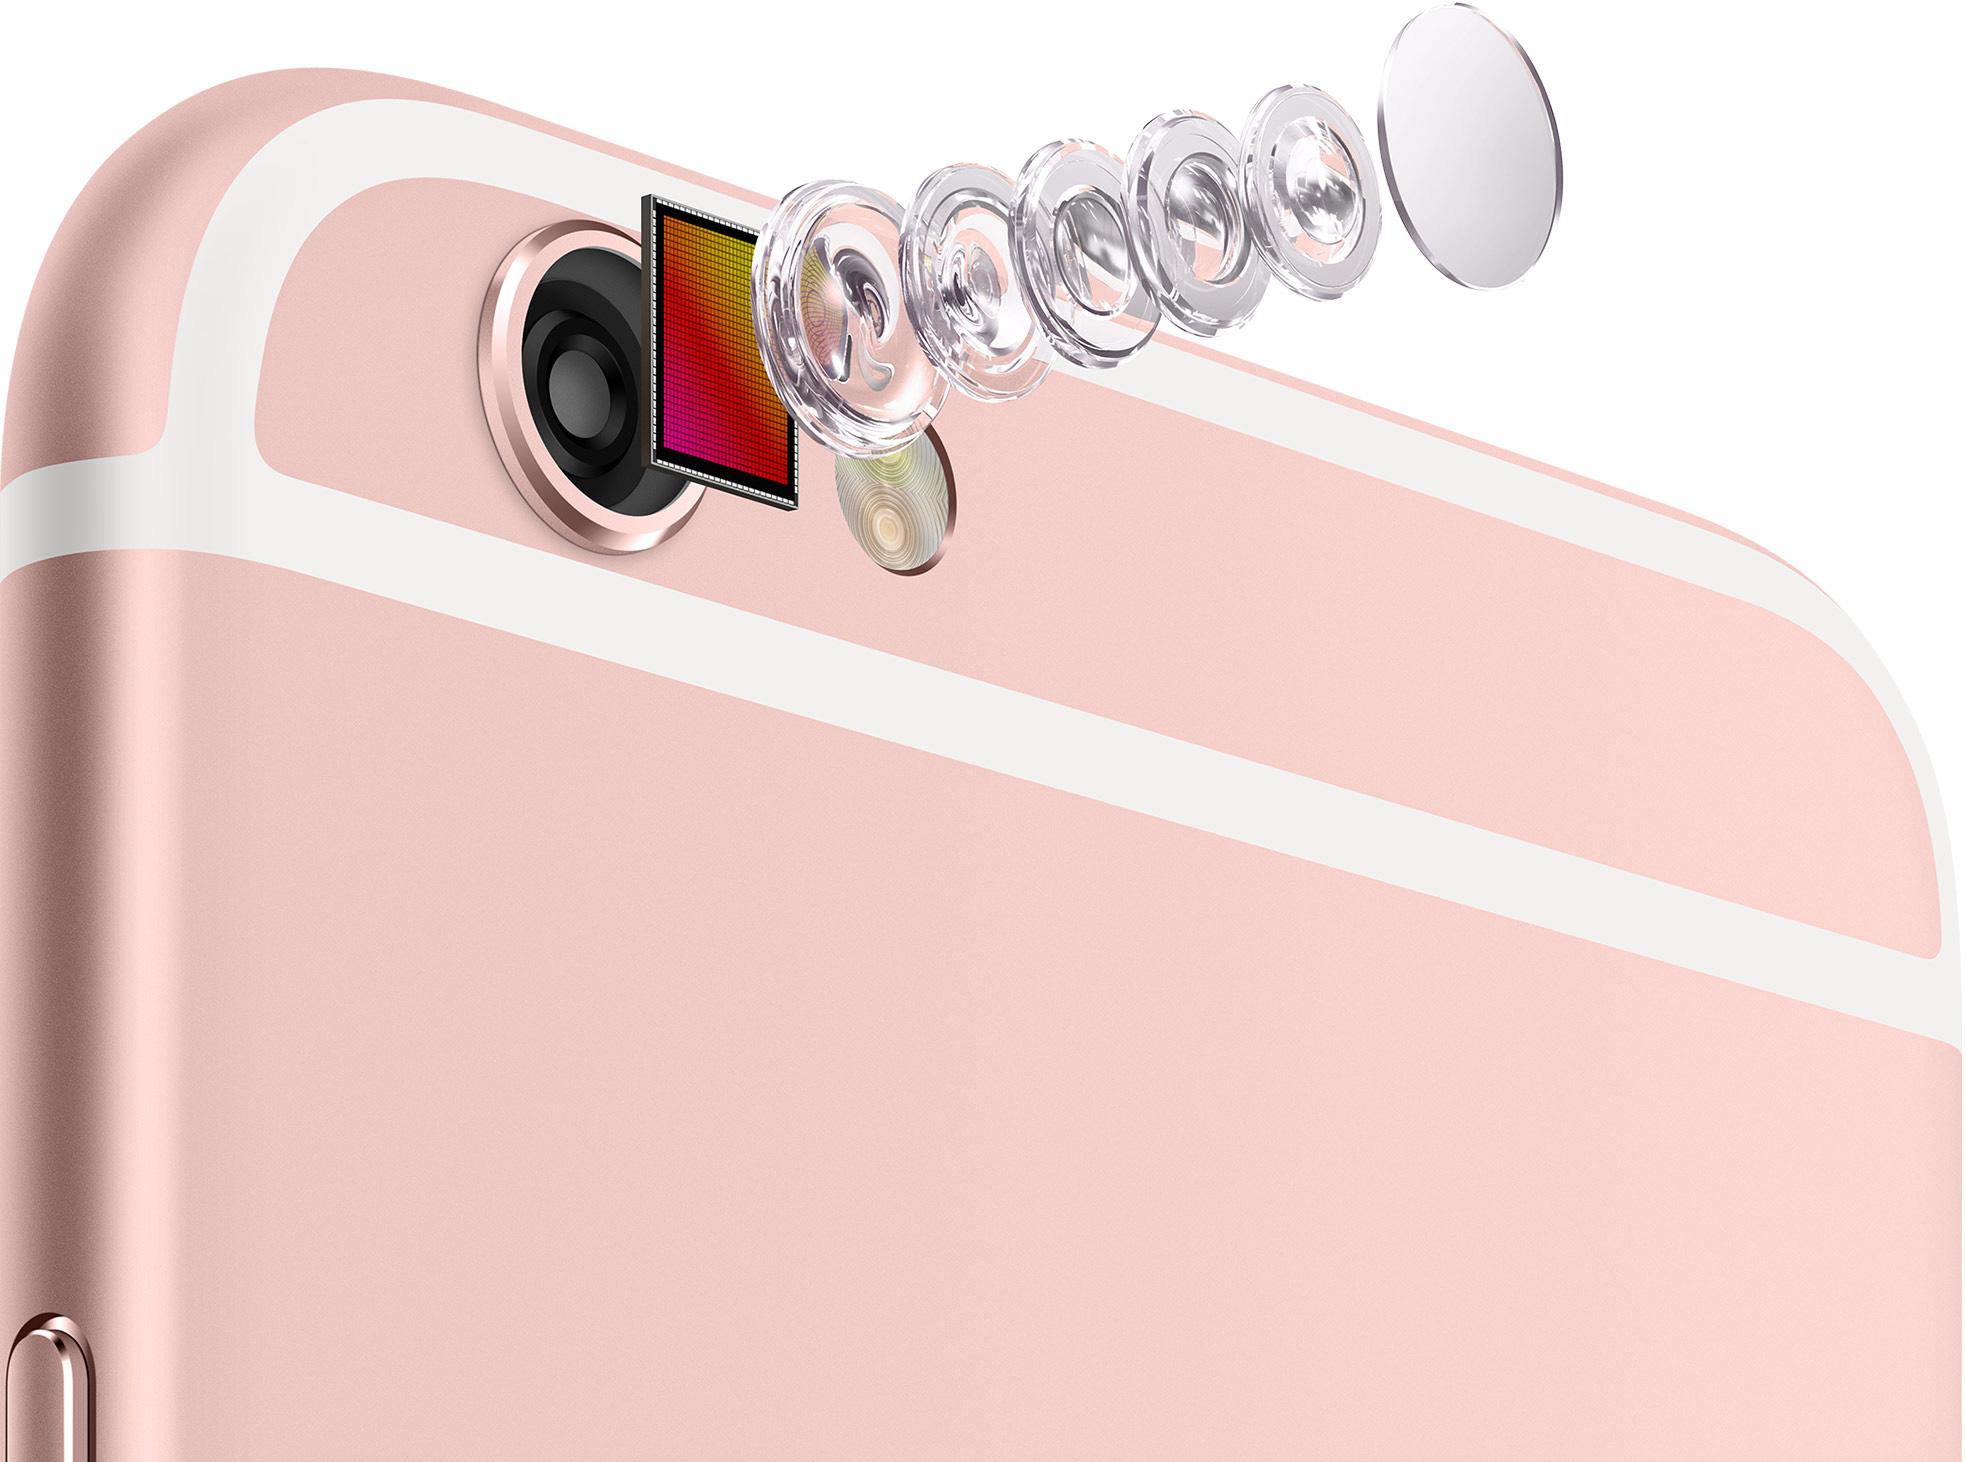 Câmera iSight (traseira) do iPhone 6s